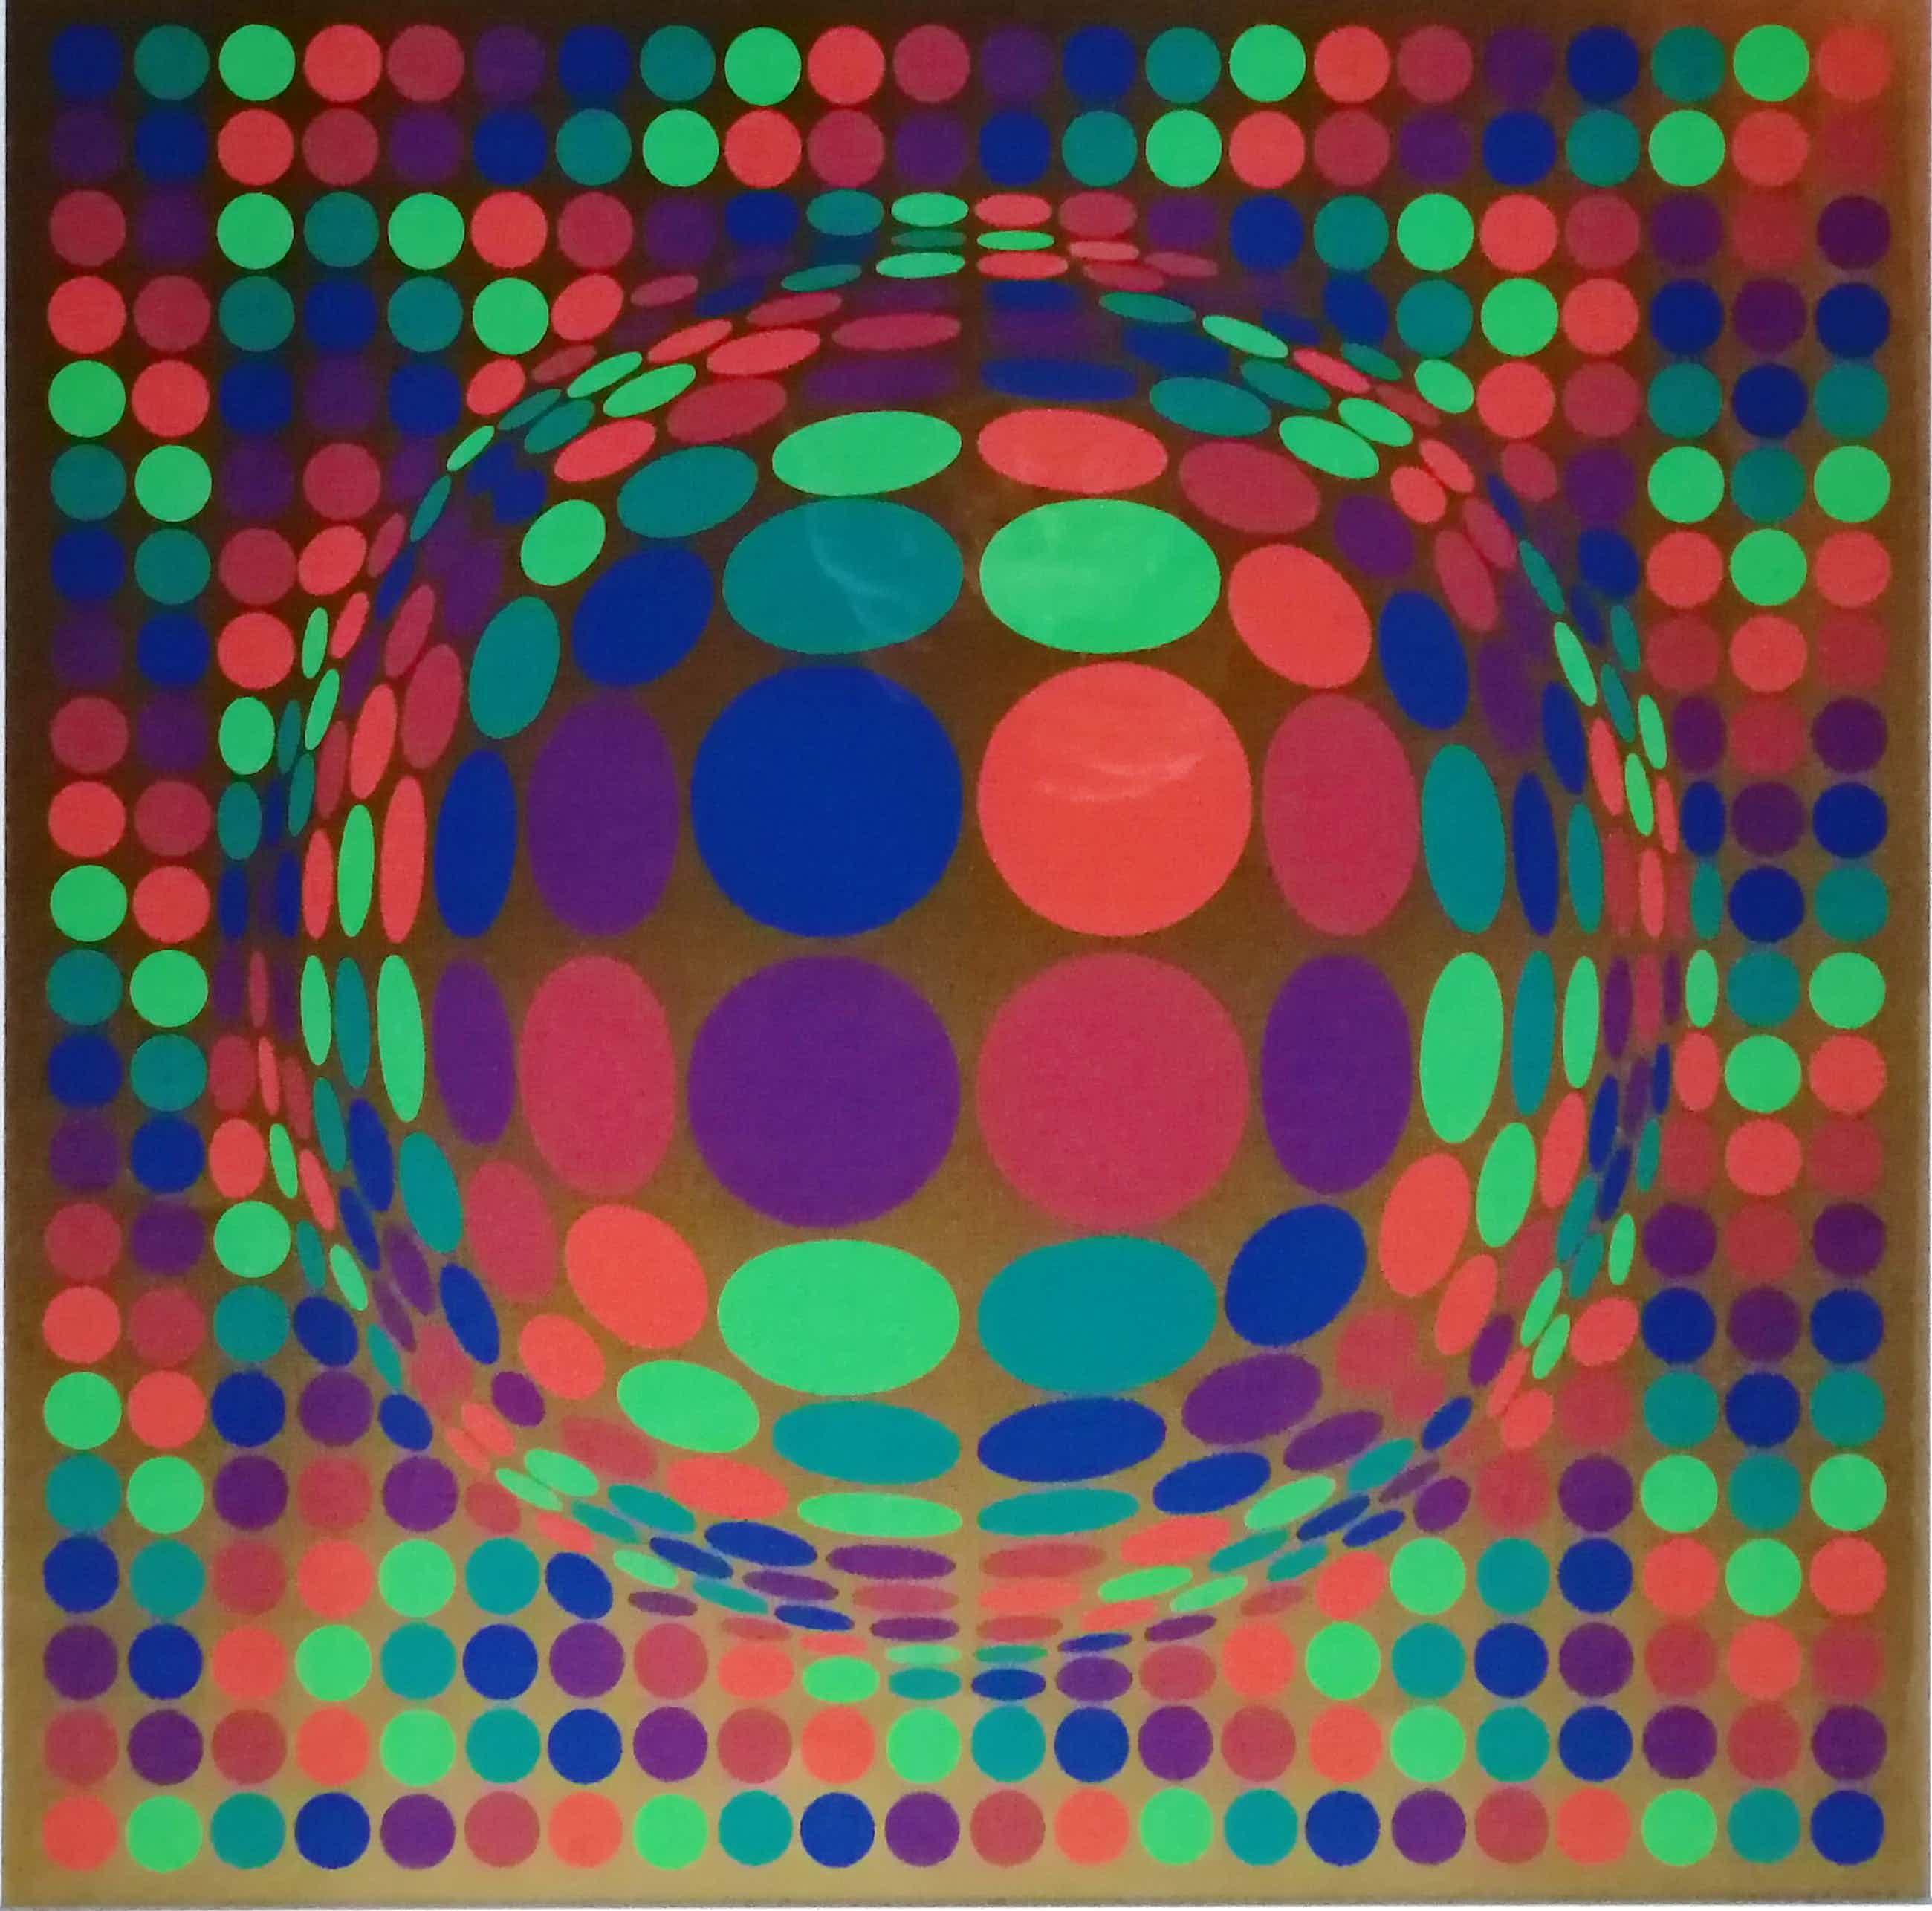 Victor Vasarely - Geometrische compositie kopen? Bied vanaf 375!